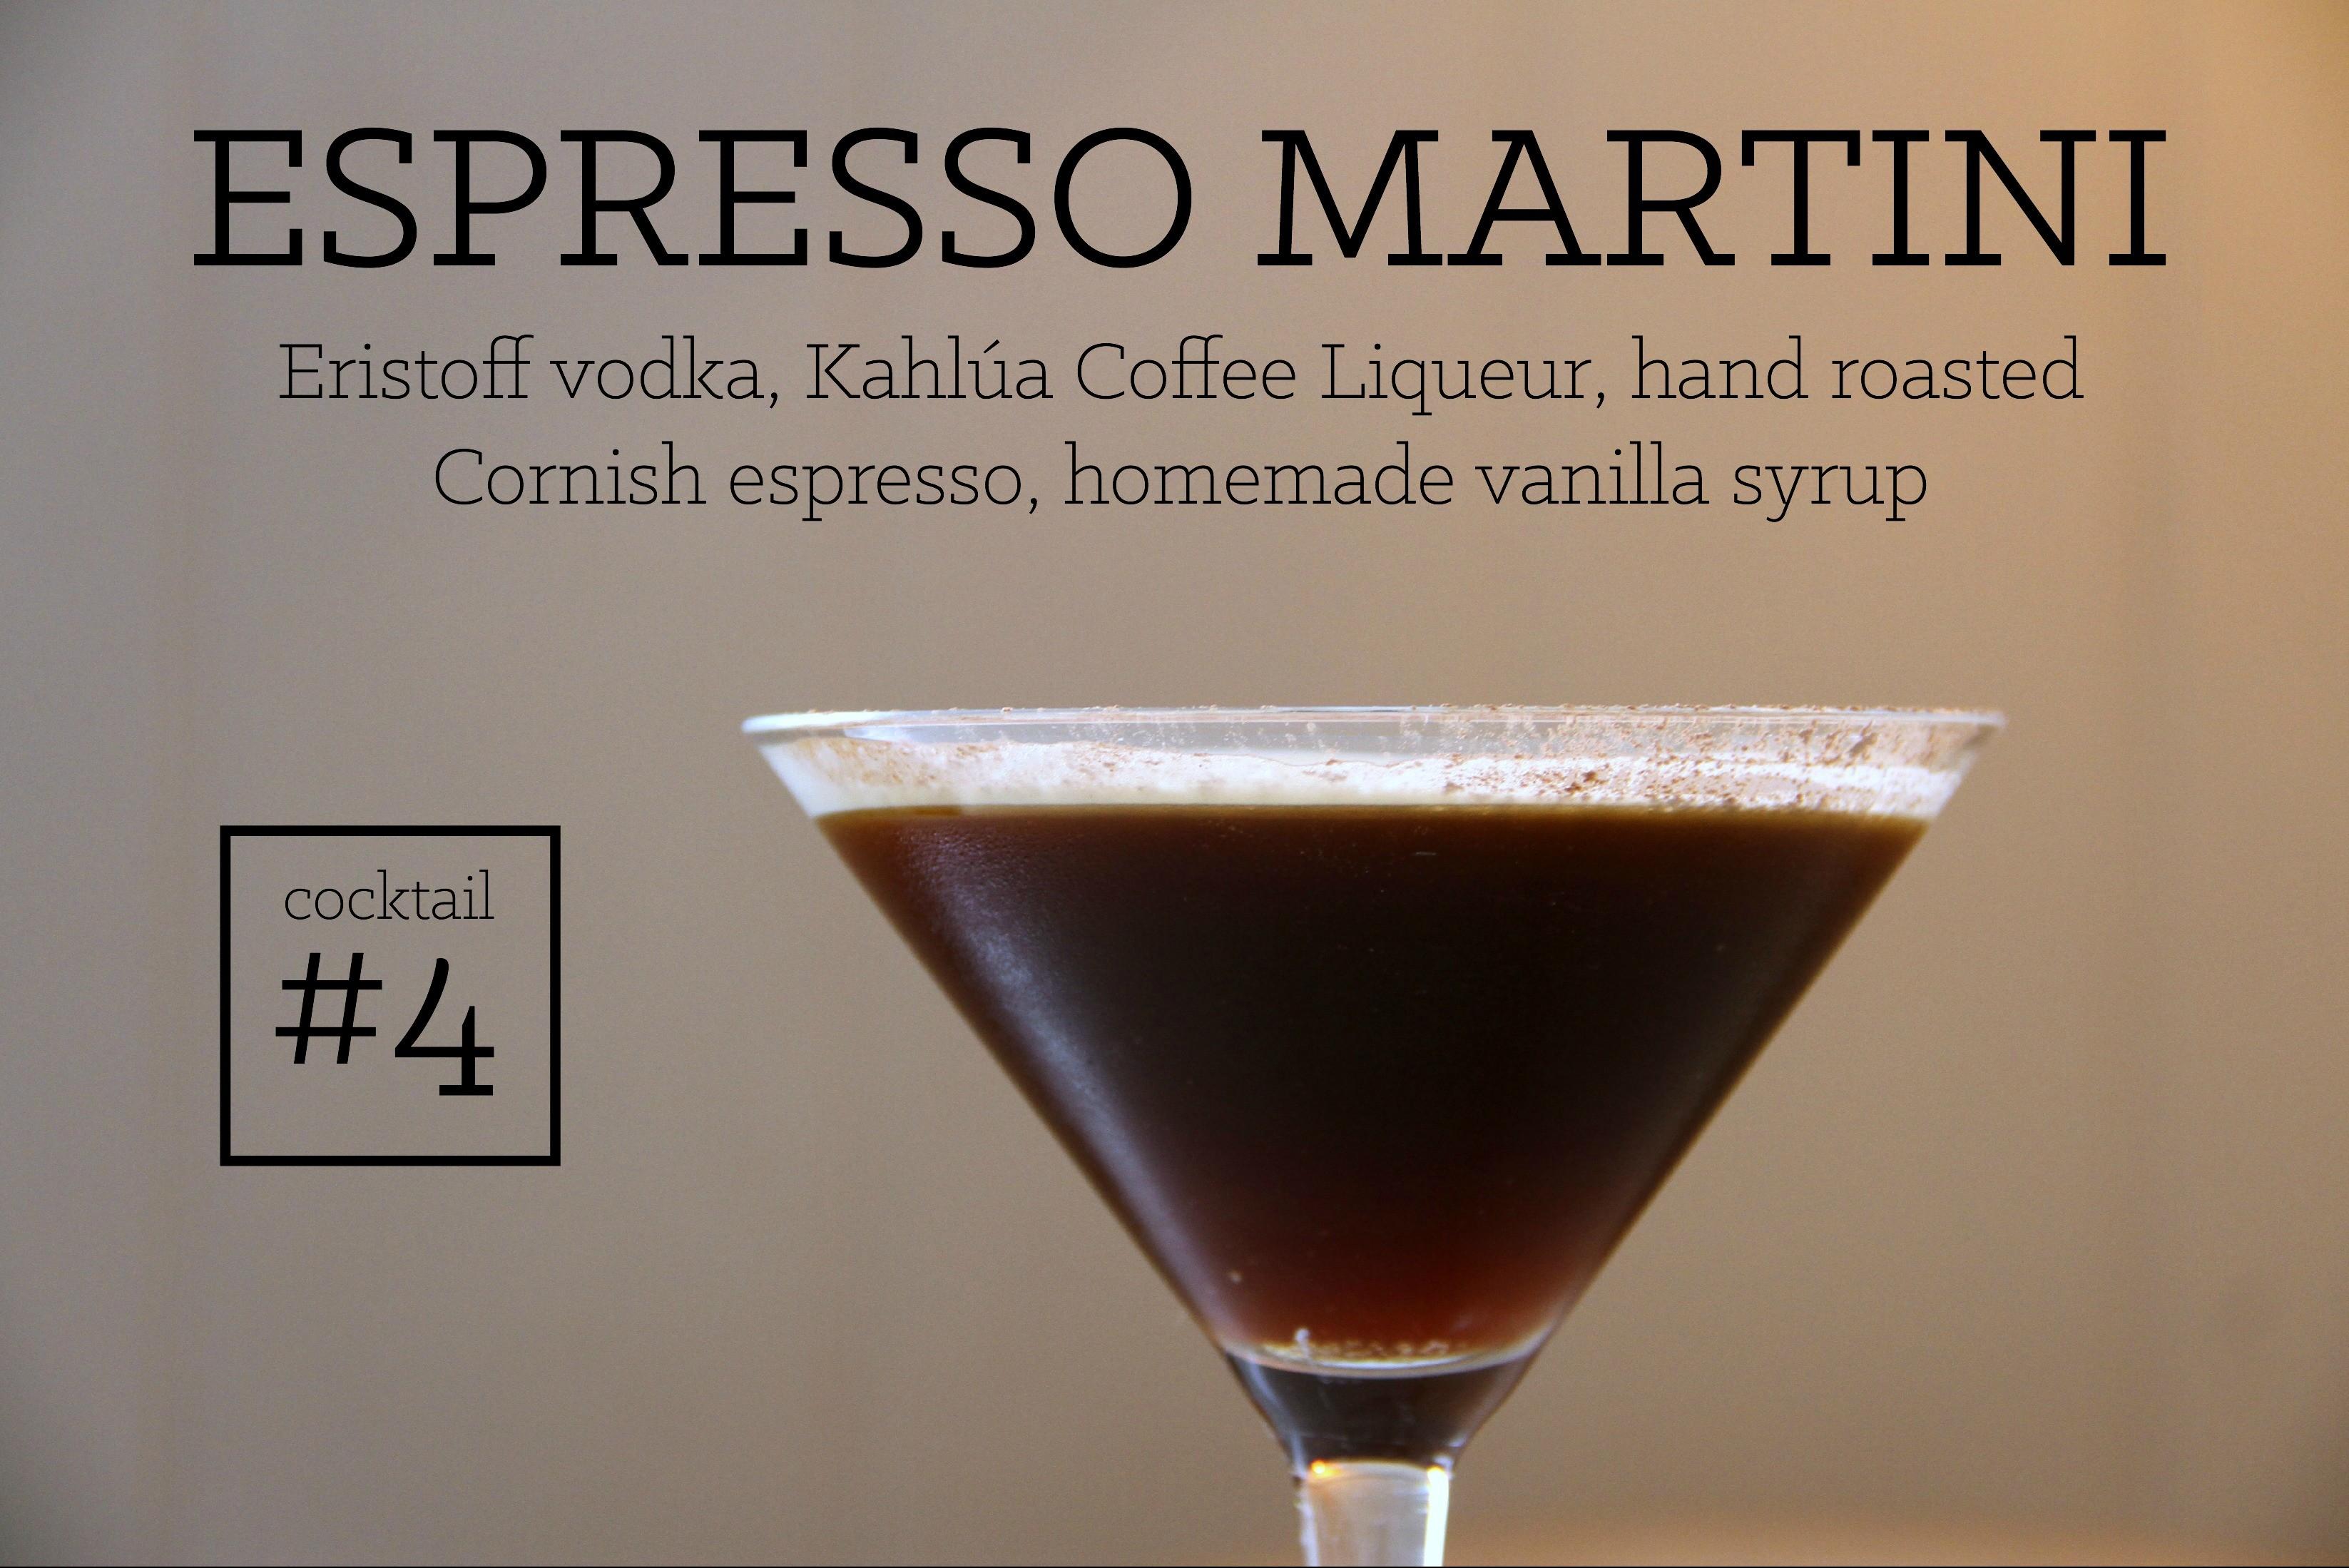 Espresso Martini new menu